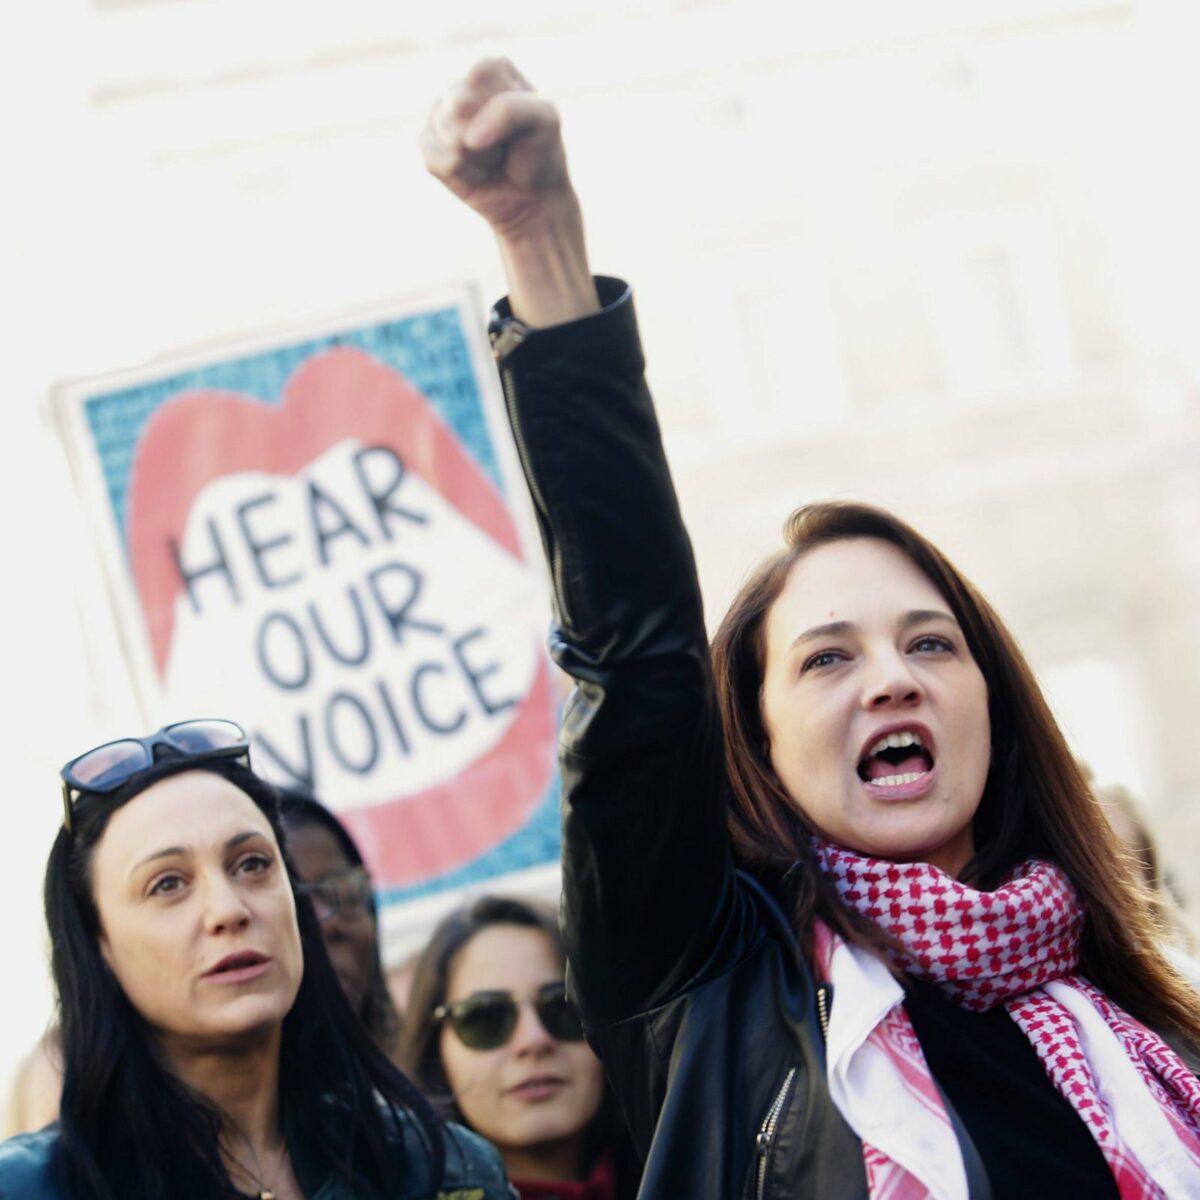 Schauspielerin Asia Argento bei Demonstration für Frauenrechte